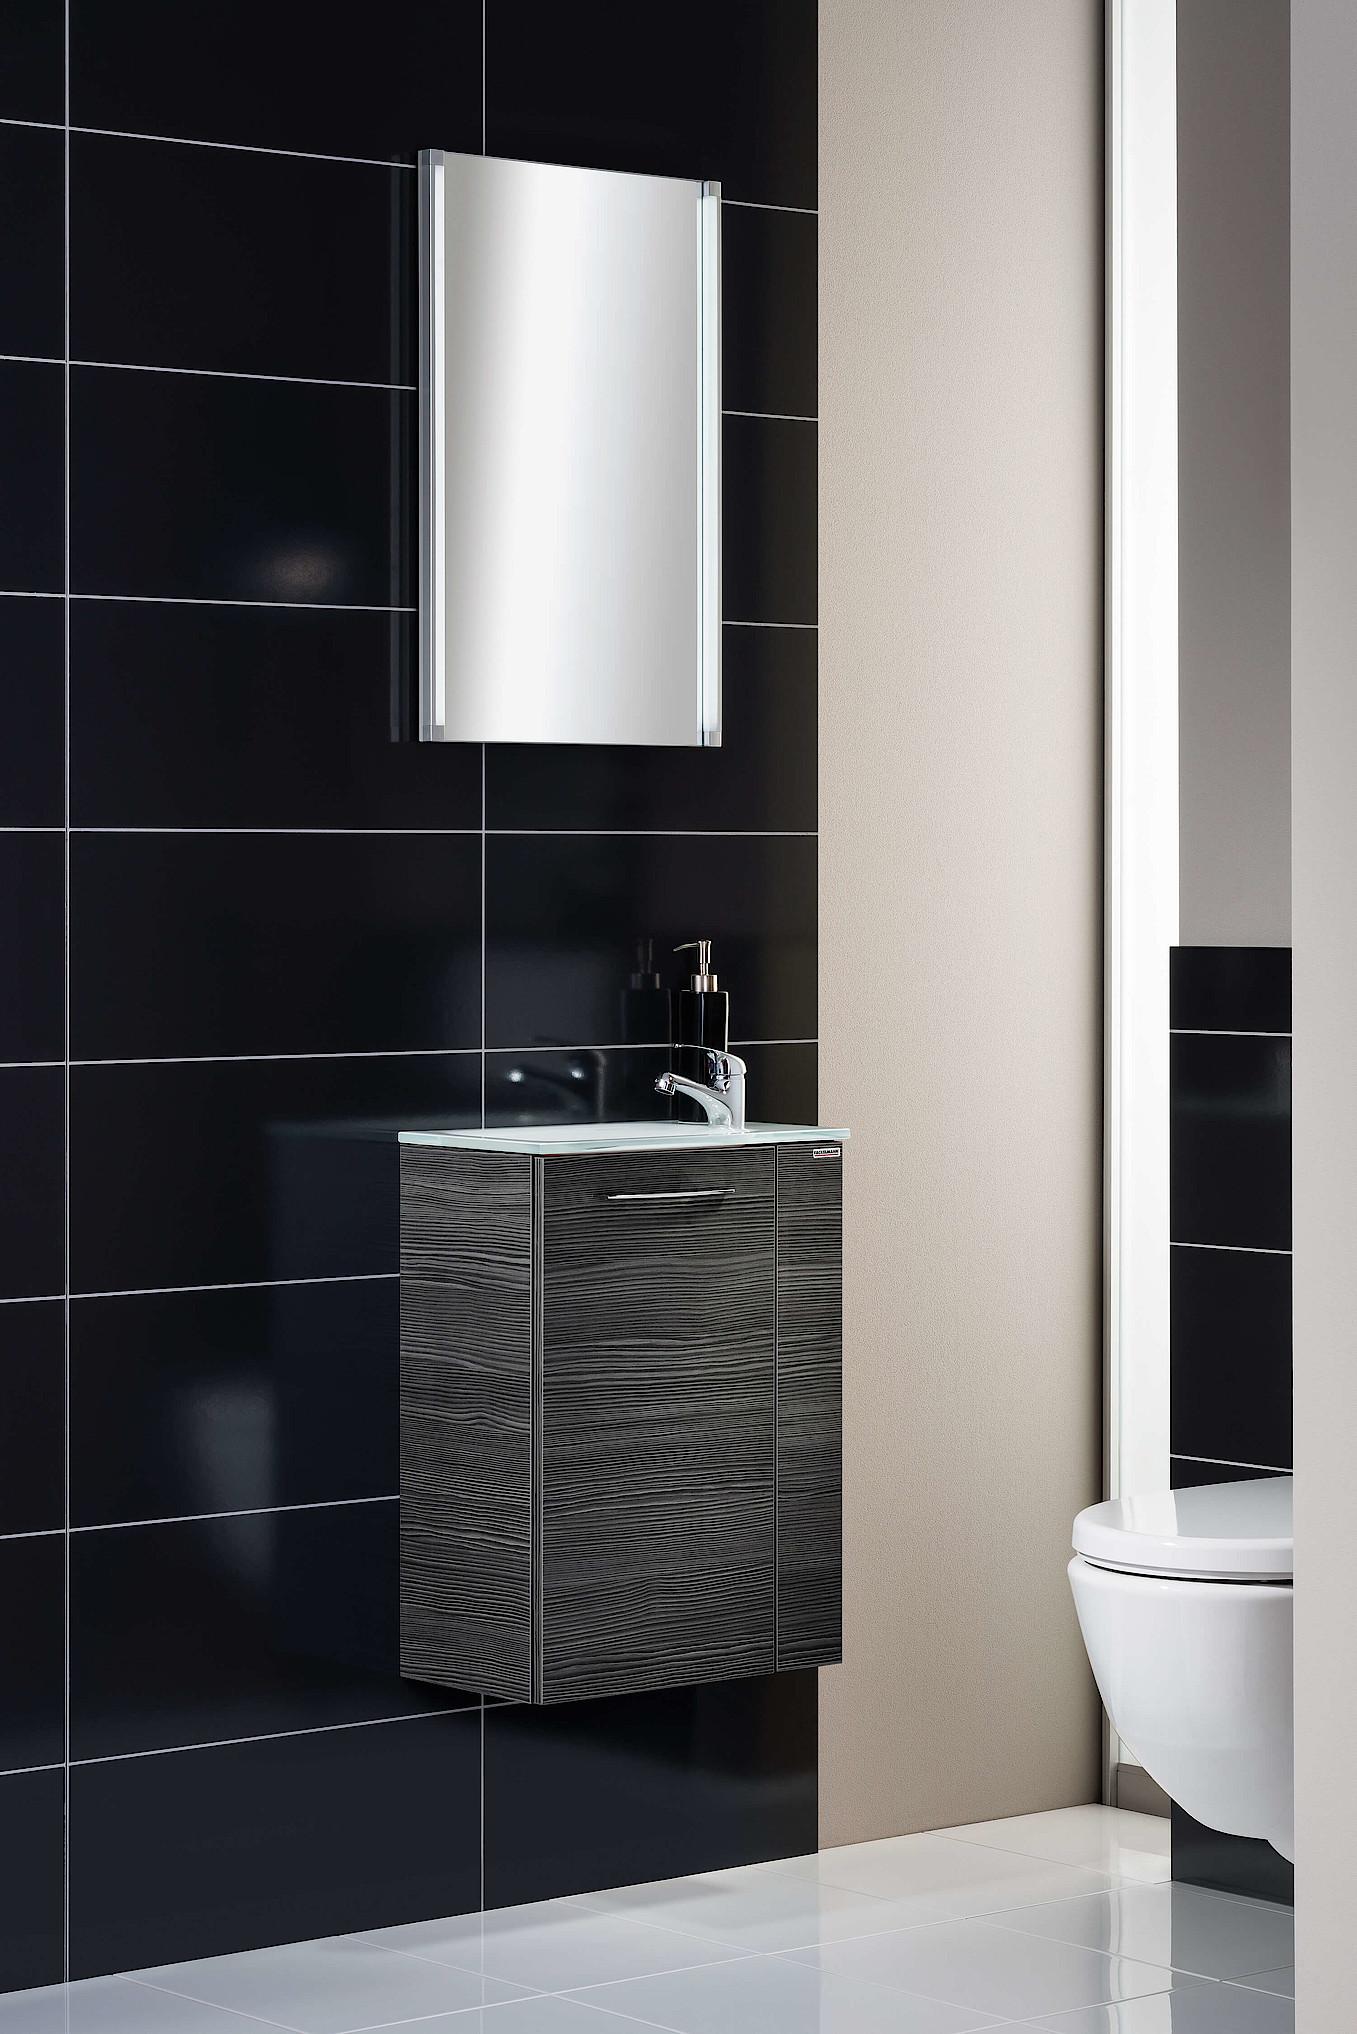 Gäste-WC | Unsere Badideen | BadeDu